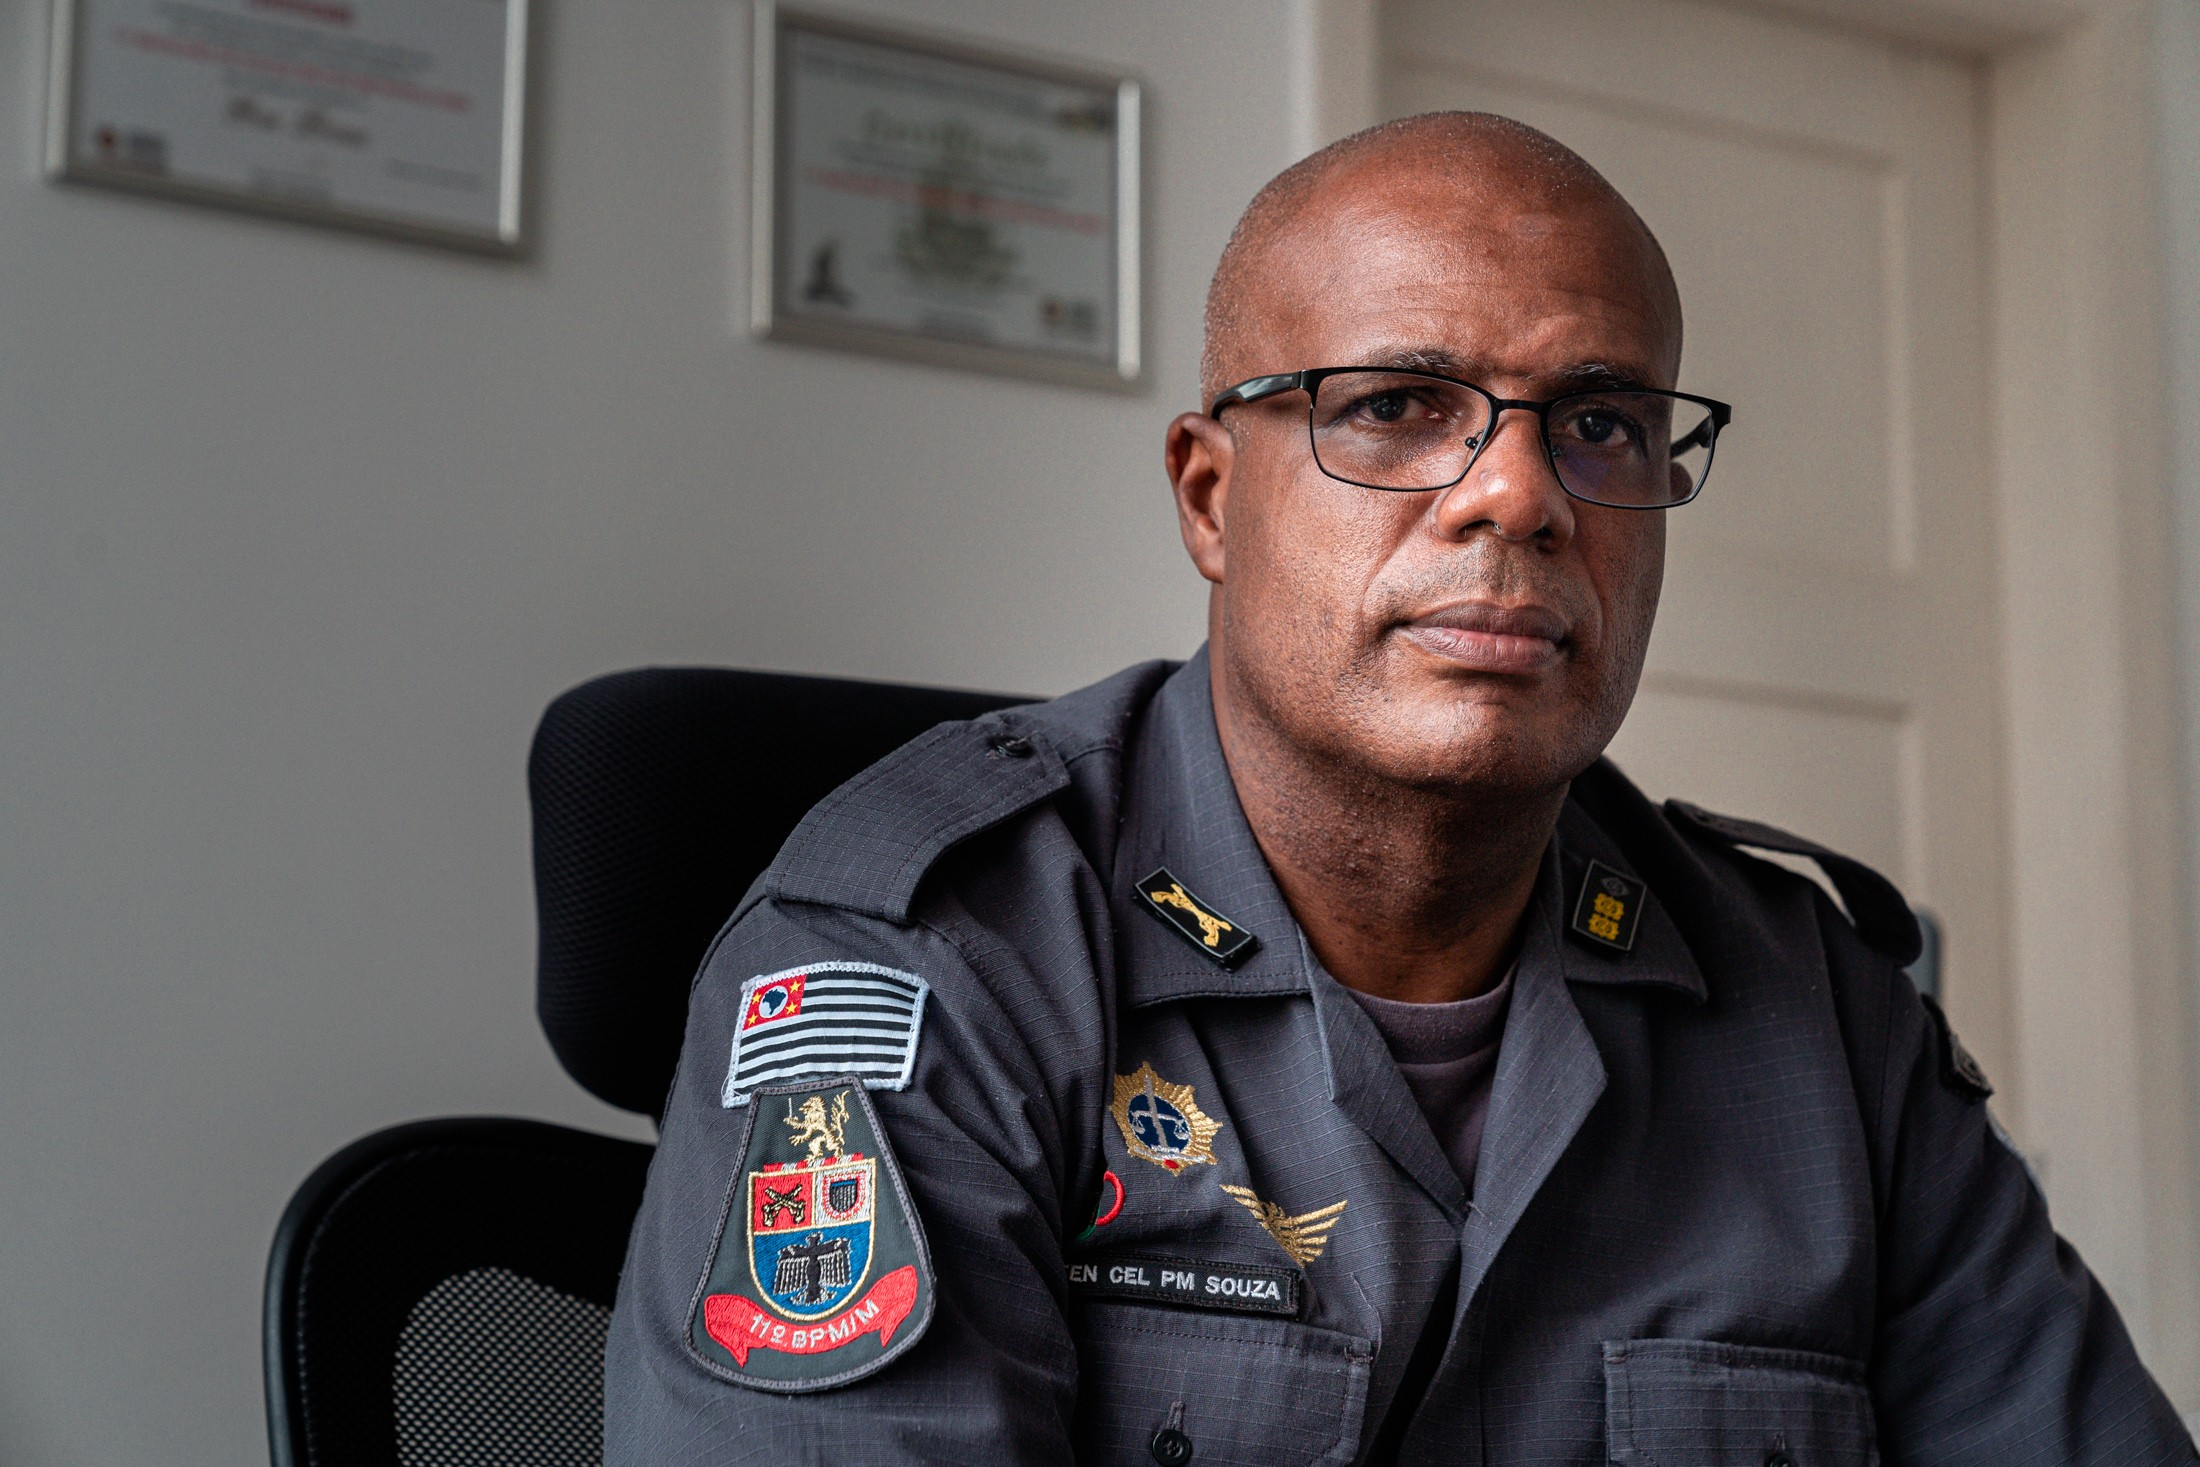 Coronel negro reformula manual da PM de SP para combater racismo: 'não será tolerado'